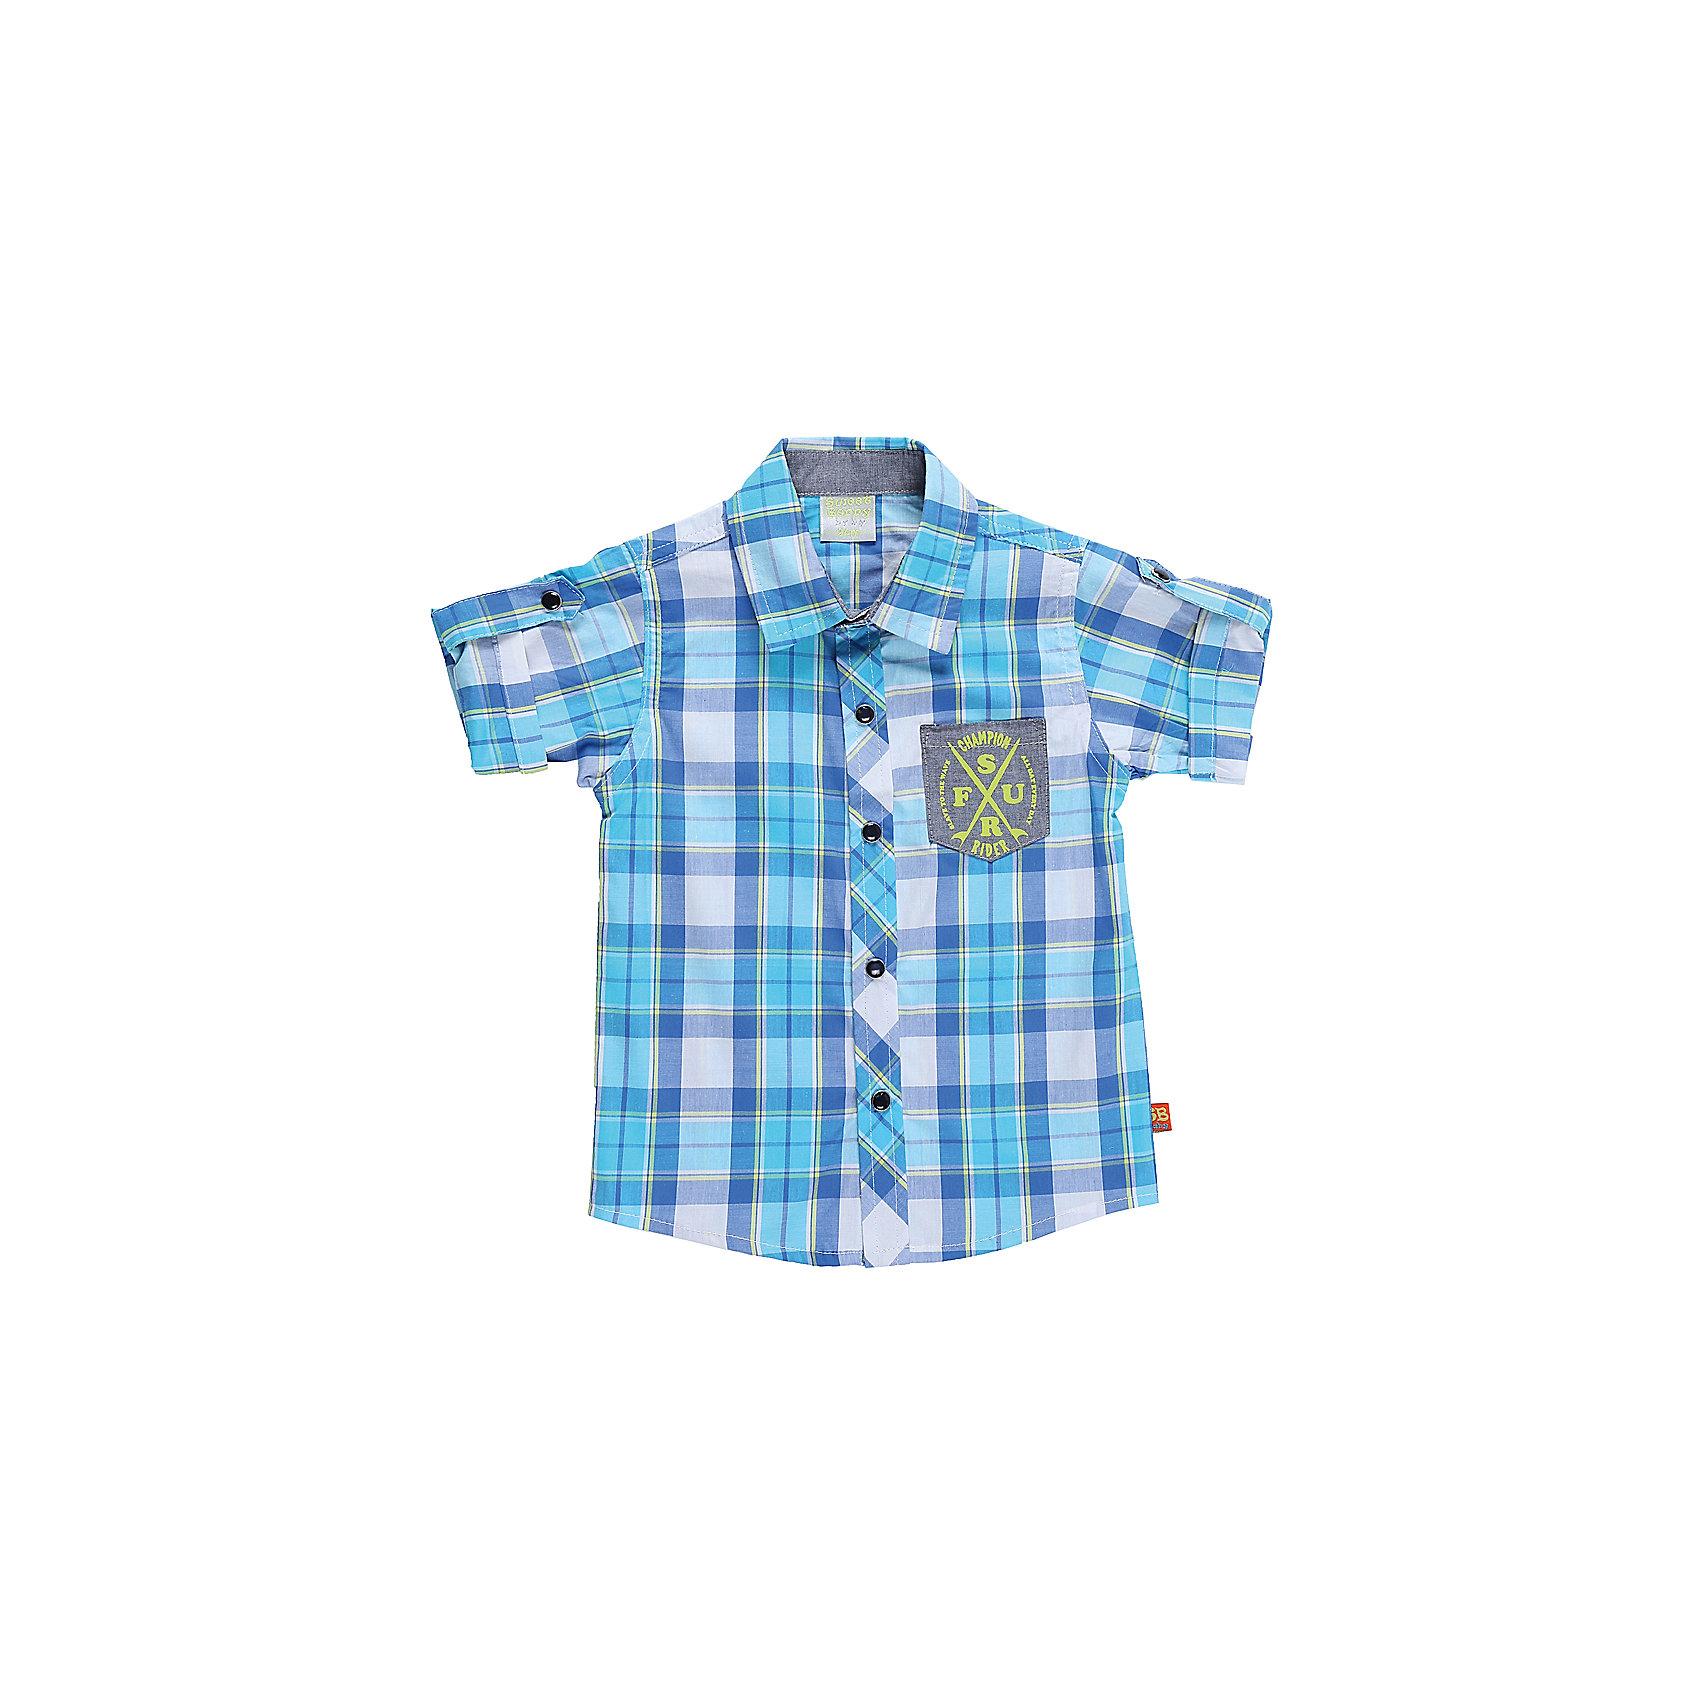 Рубашка для мальчика Sweet BerryФутболки, топы<br>Текстильная рубашка из хлопка в клетку для мальчика. Короткий рукав, накладной карман на левой полочке. Застегивается на кнопки. Отложной воротничок.<br>Состав:<br>100%хлопок<br><br>Ширина мм: 174<br>Глубина мм: 10<br>Высота мм: 169<br>Вес г: 157<br>Цвет: зеленый<br>Возраст от месяцев: 12<br>Возраст до месяцев: 15<br>Пол: Мужской<br>Возраст: Детский<br>Размер: 80,86,92,98<br>SKU: 5411586